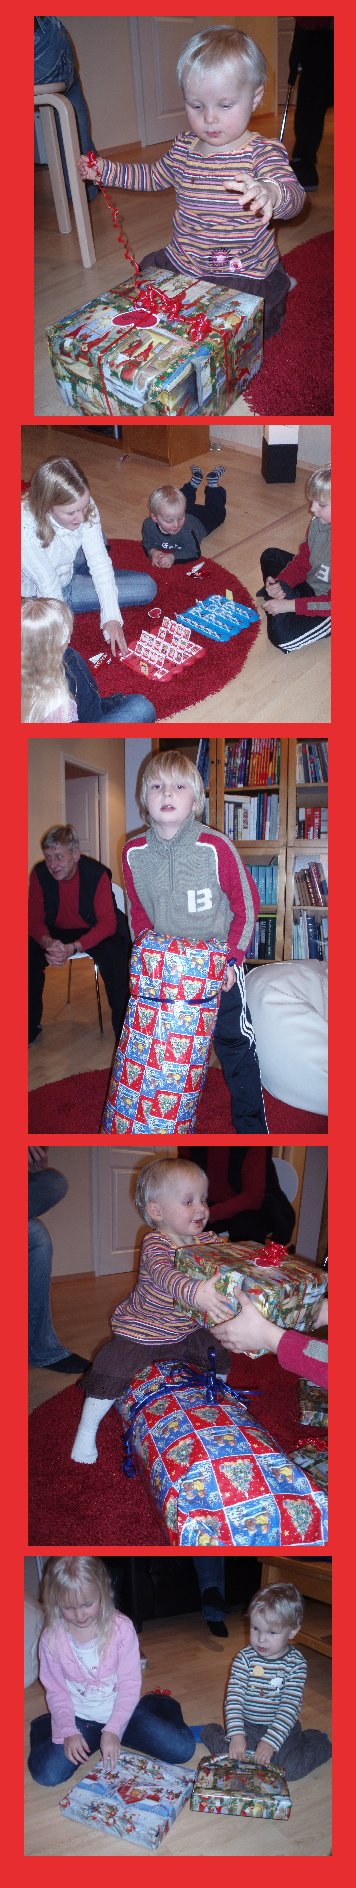 Kummilapsilla riitti virtaa, kun joululahjoja avattiin. Jälleen tontut olivat muutaman paketin jättäneet etukäteen kummien oven taakse :)